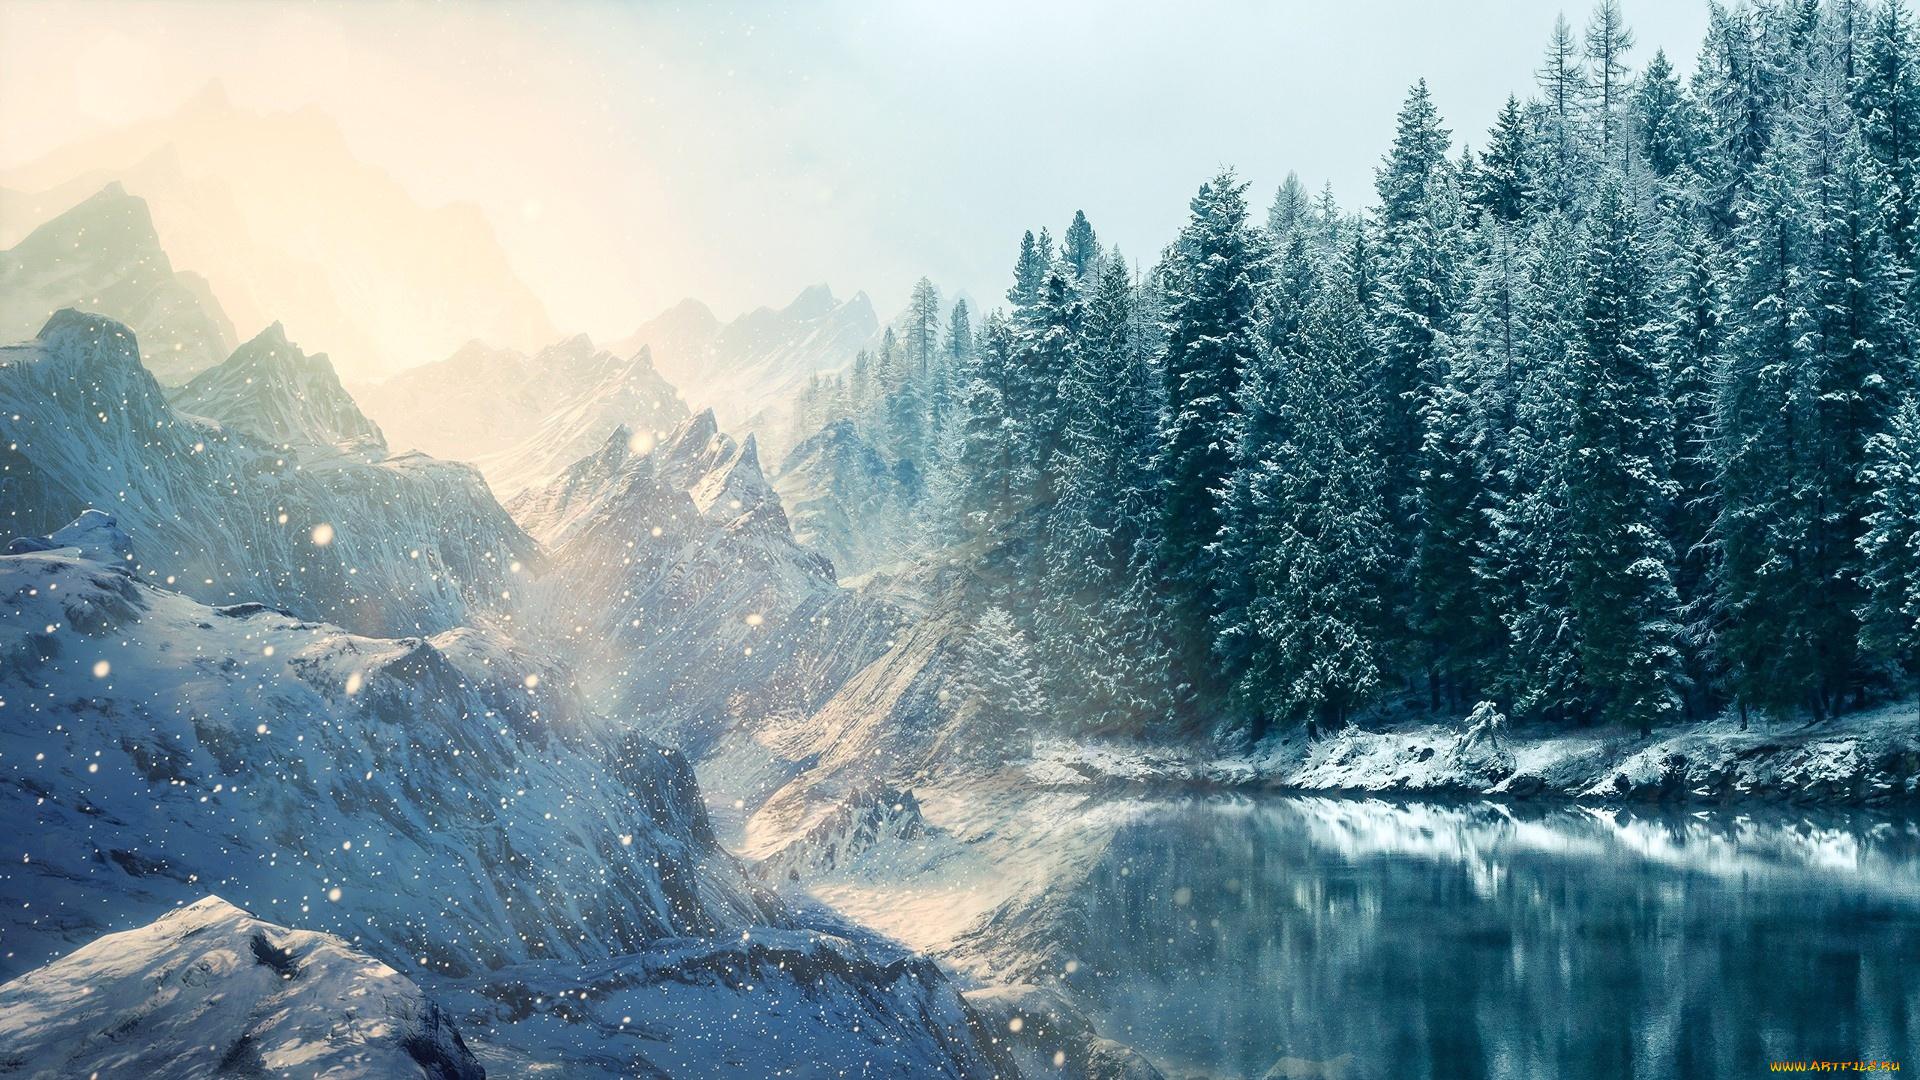 природа снег горы река небо в хорошем качестве